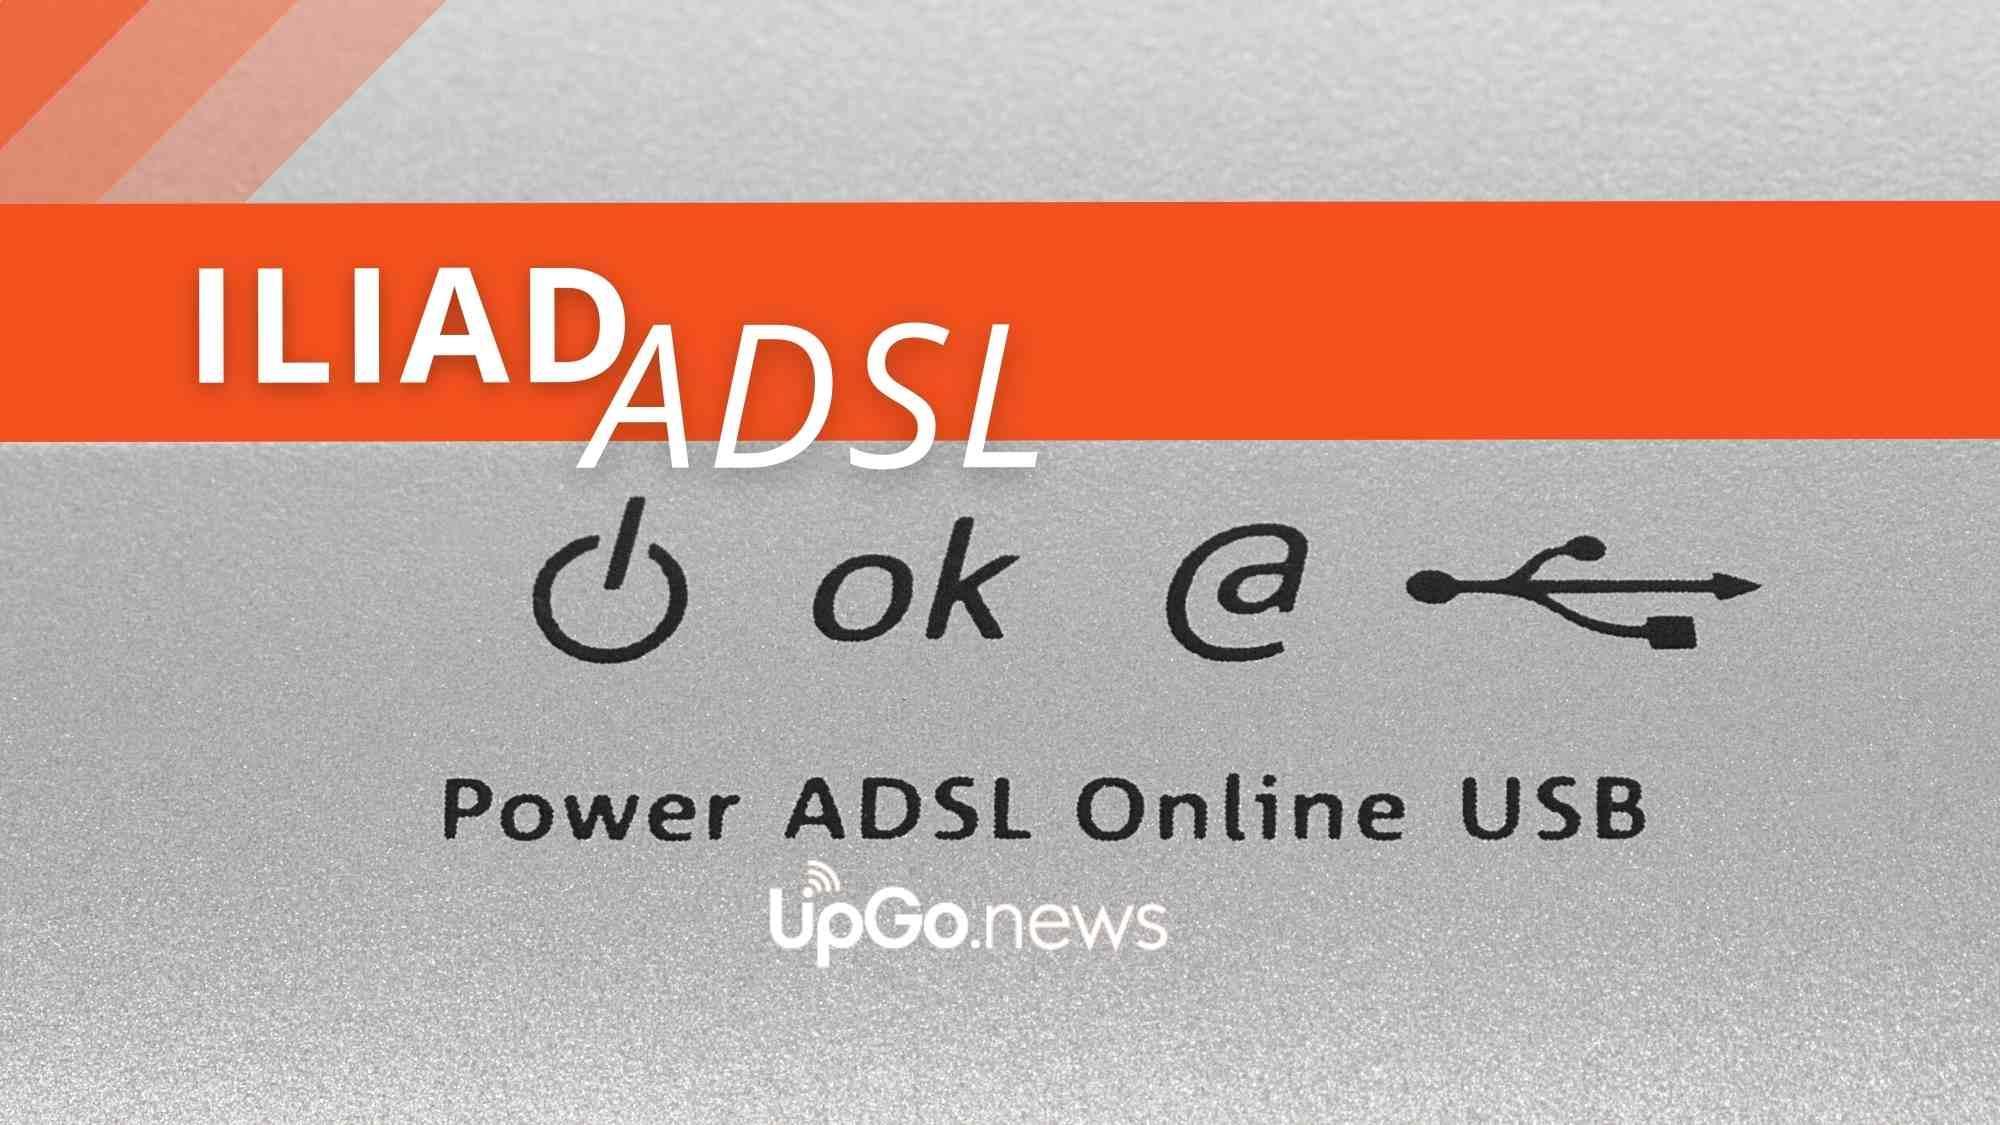 Iliad ADSL